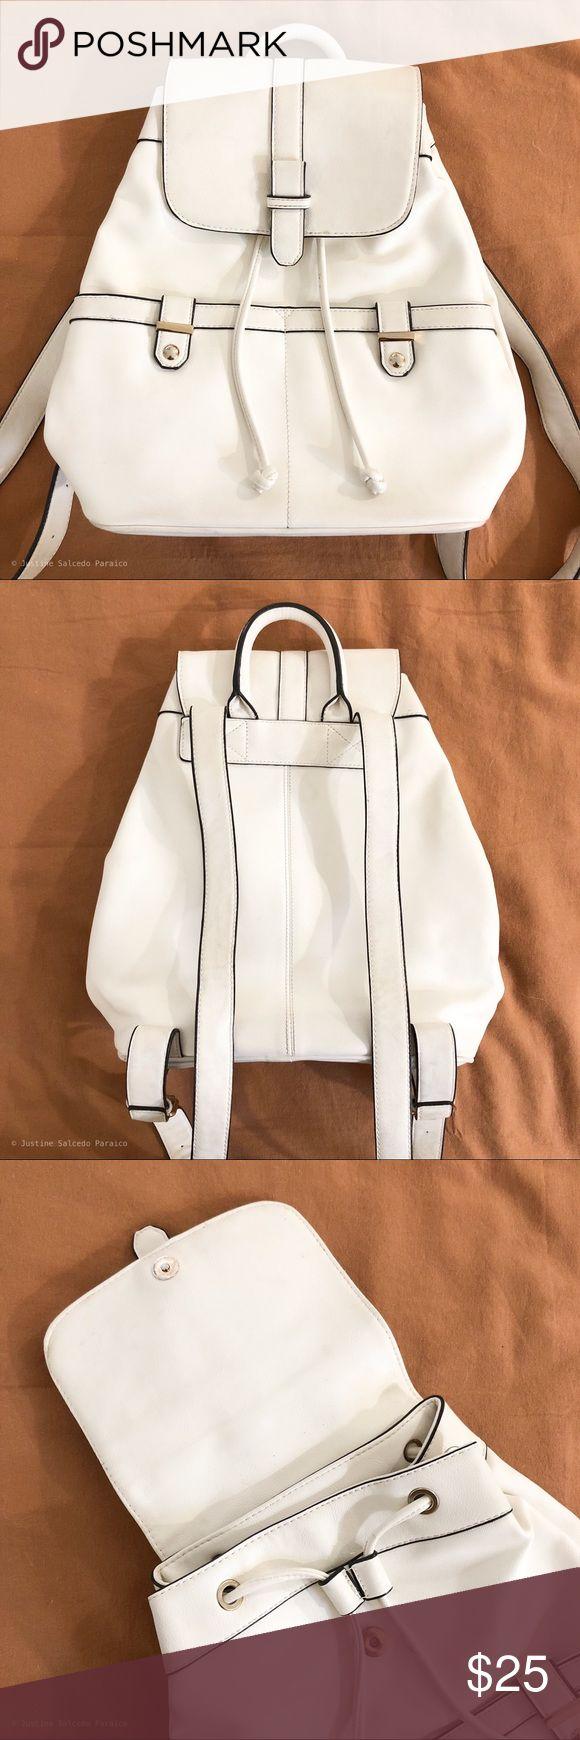 Weißer Accessorize-Rucksack aus Kunstleder Guter Zustand, Mängel in Bild …